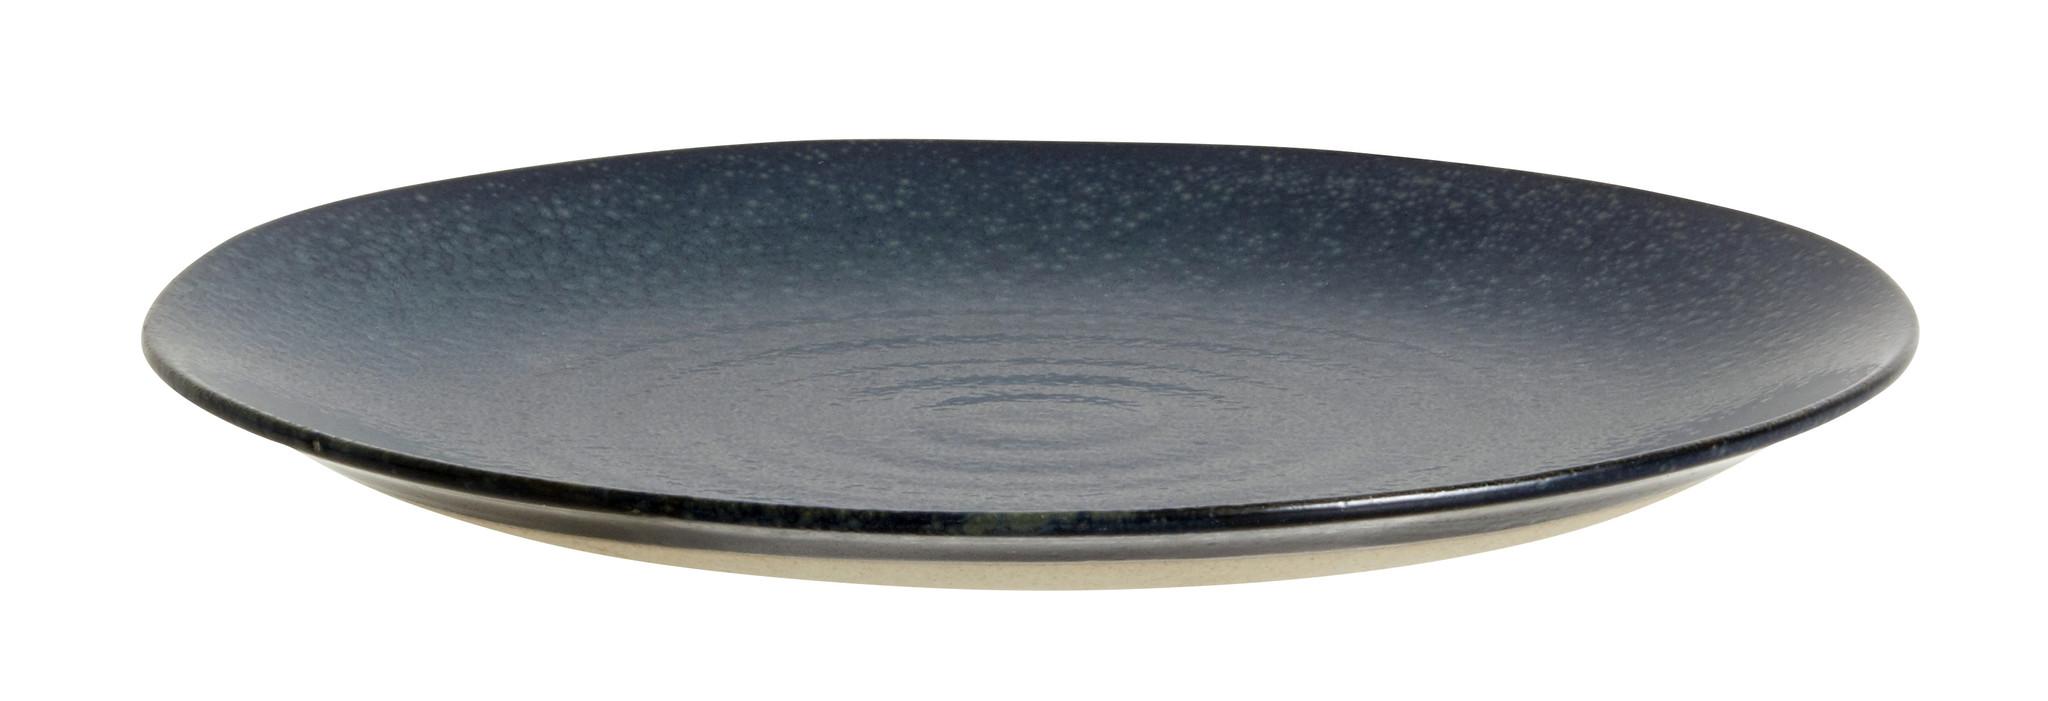 Nordal Grainy bord ø 21 cm - donkerblauw - set van 4